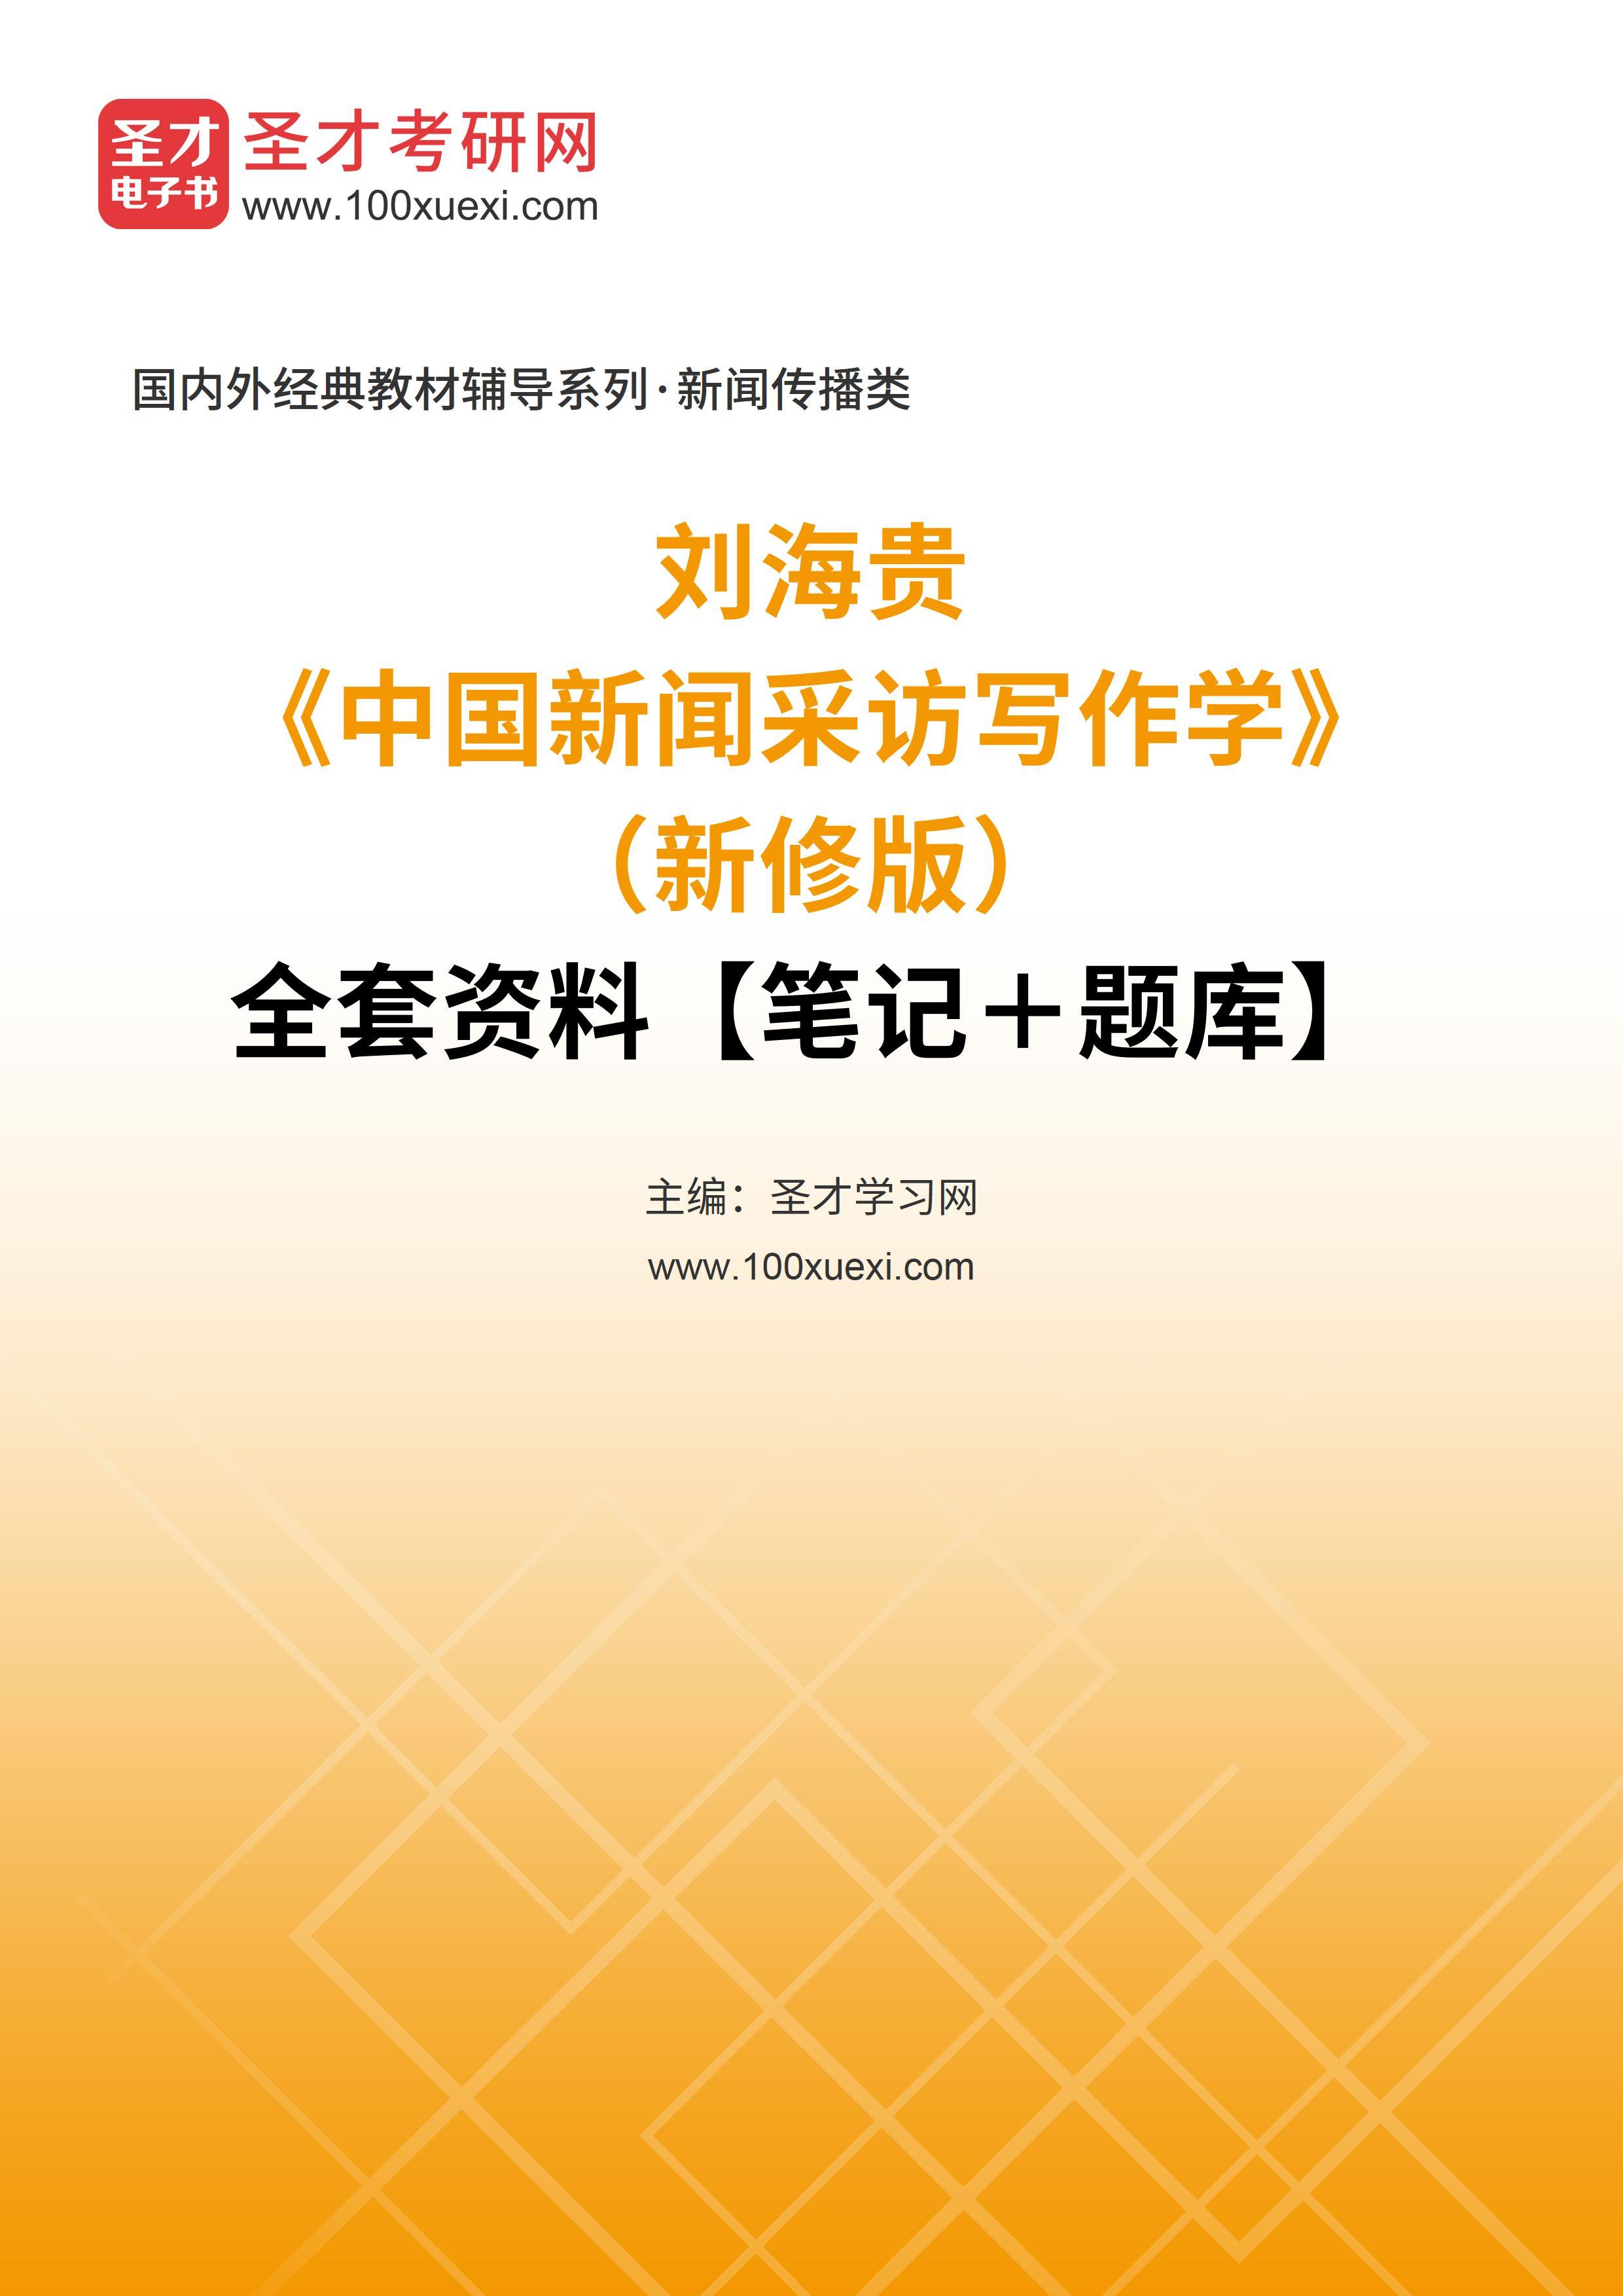 刘海贵《中国新闻采访写作学》(新修版)全套资料【笔记+题库】